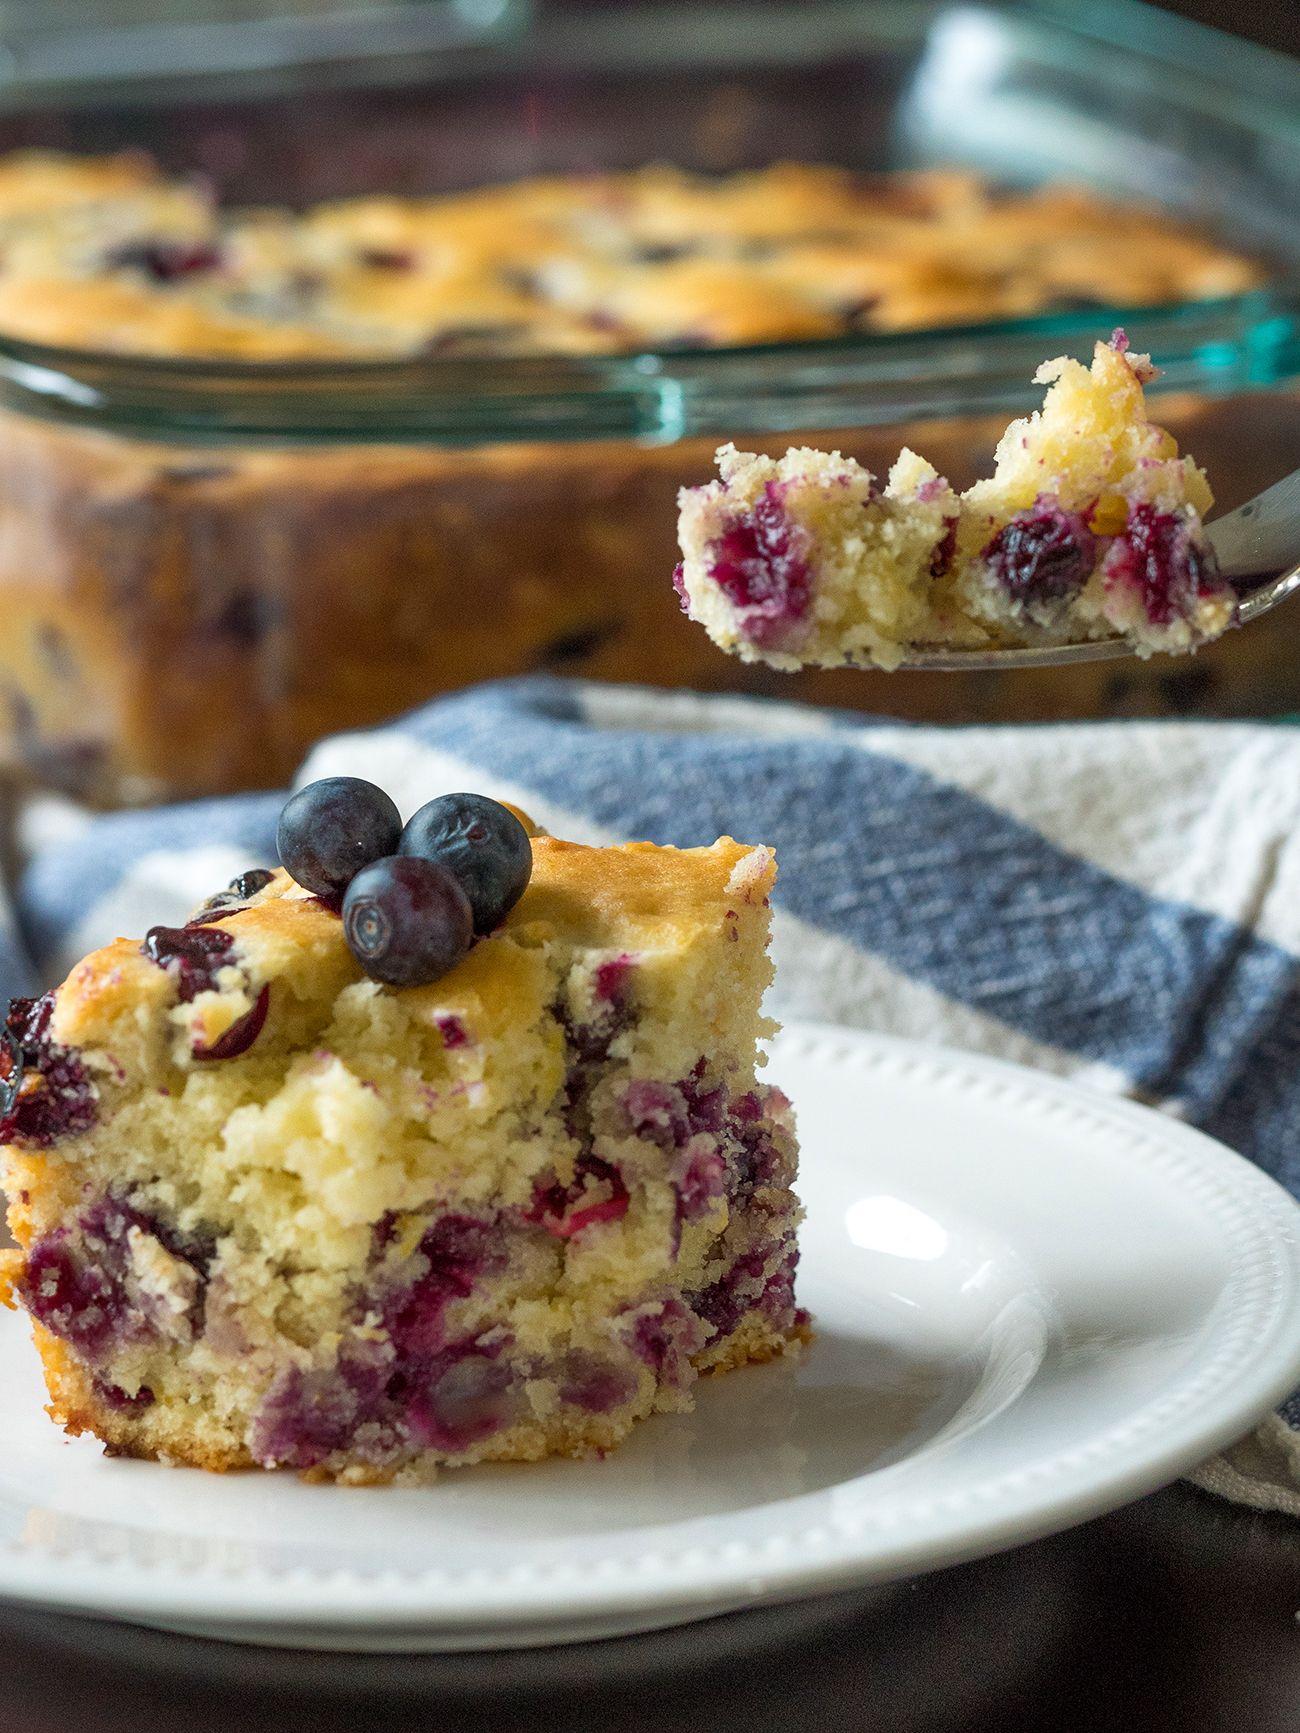 Buttermilk Blueberry Breakfast Bake